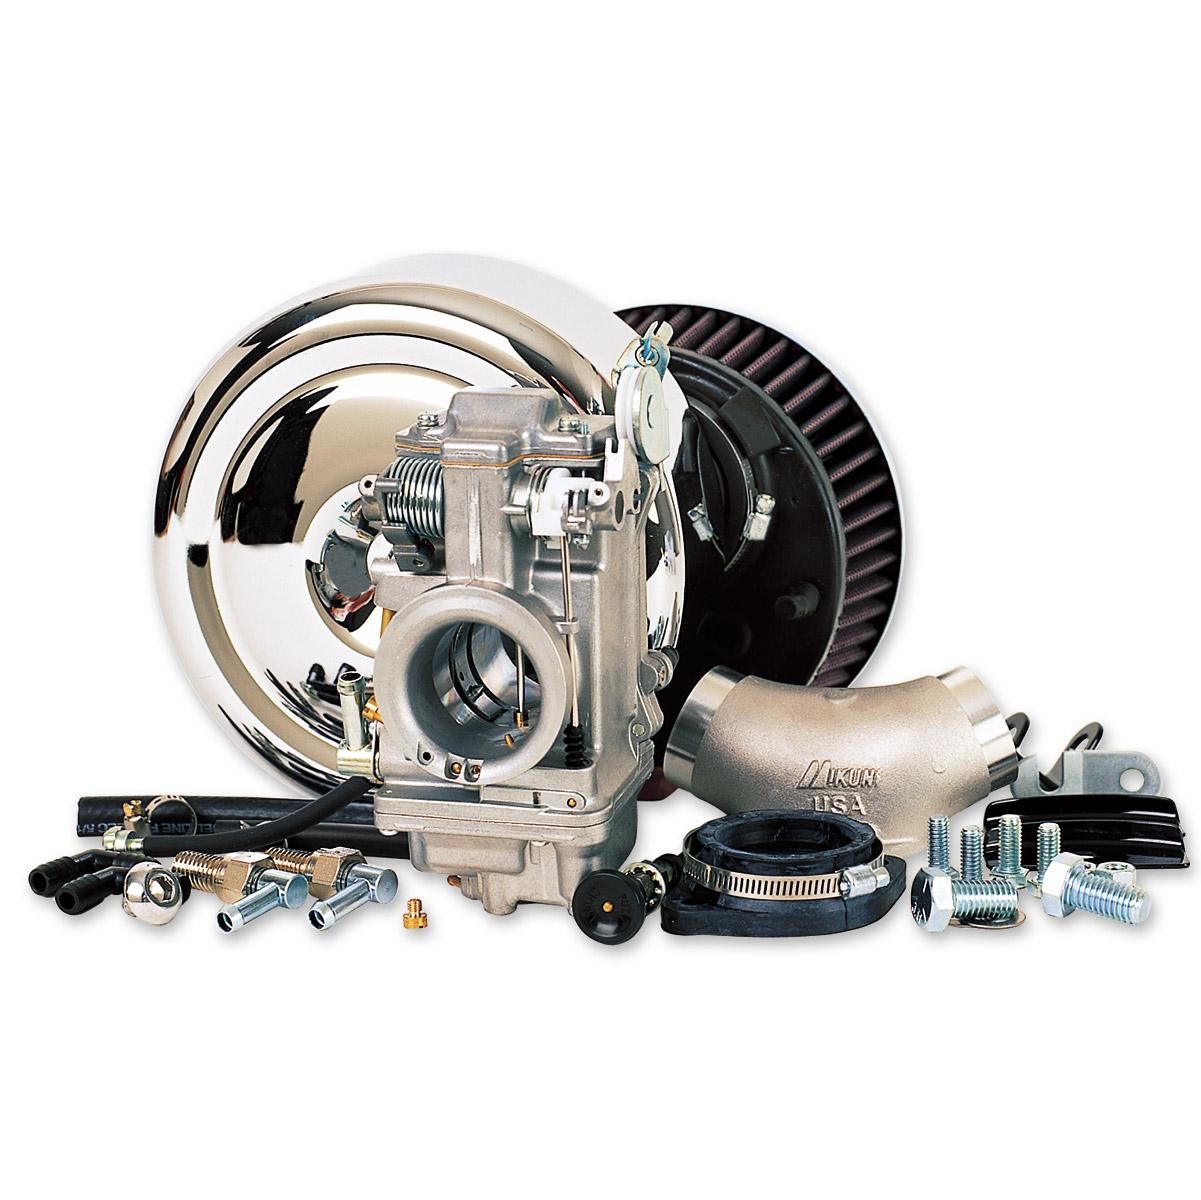 Carburetor Rebuild Kit for Harley-Davidson FLSTS Heritage Springer 1997-1998